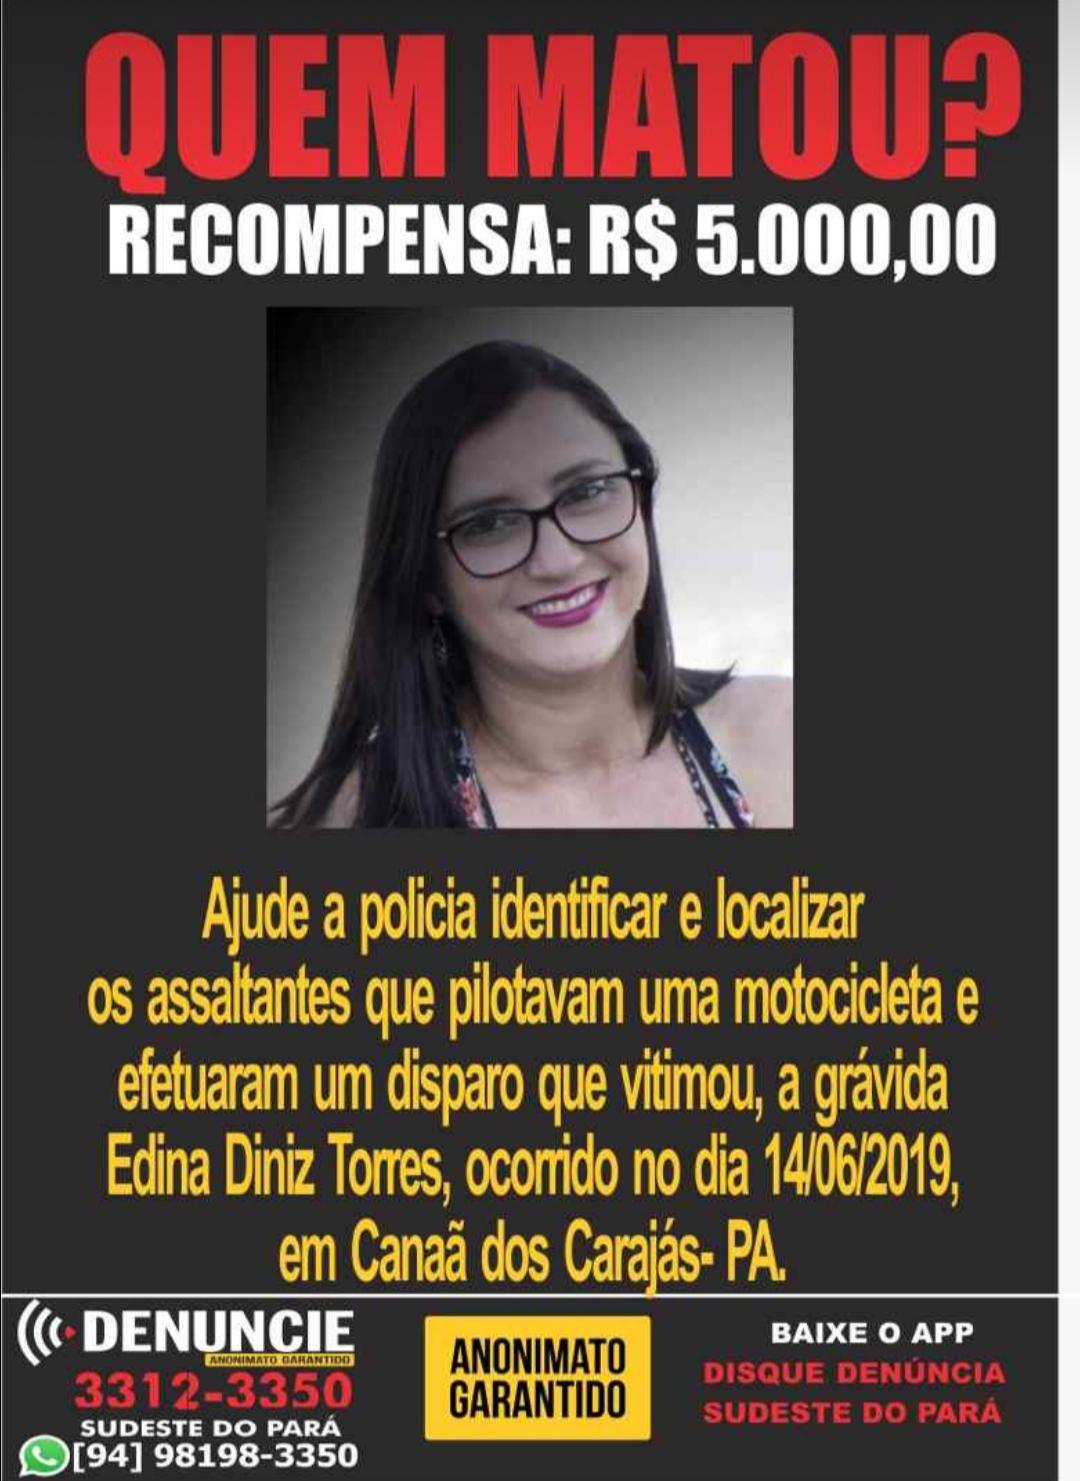 Recompensa de R$ 5 mil para quem der informações dos assassinos de Edna Diniz